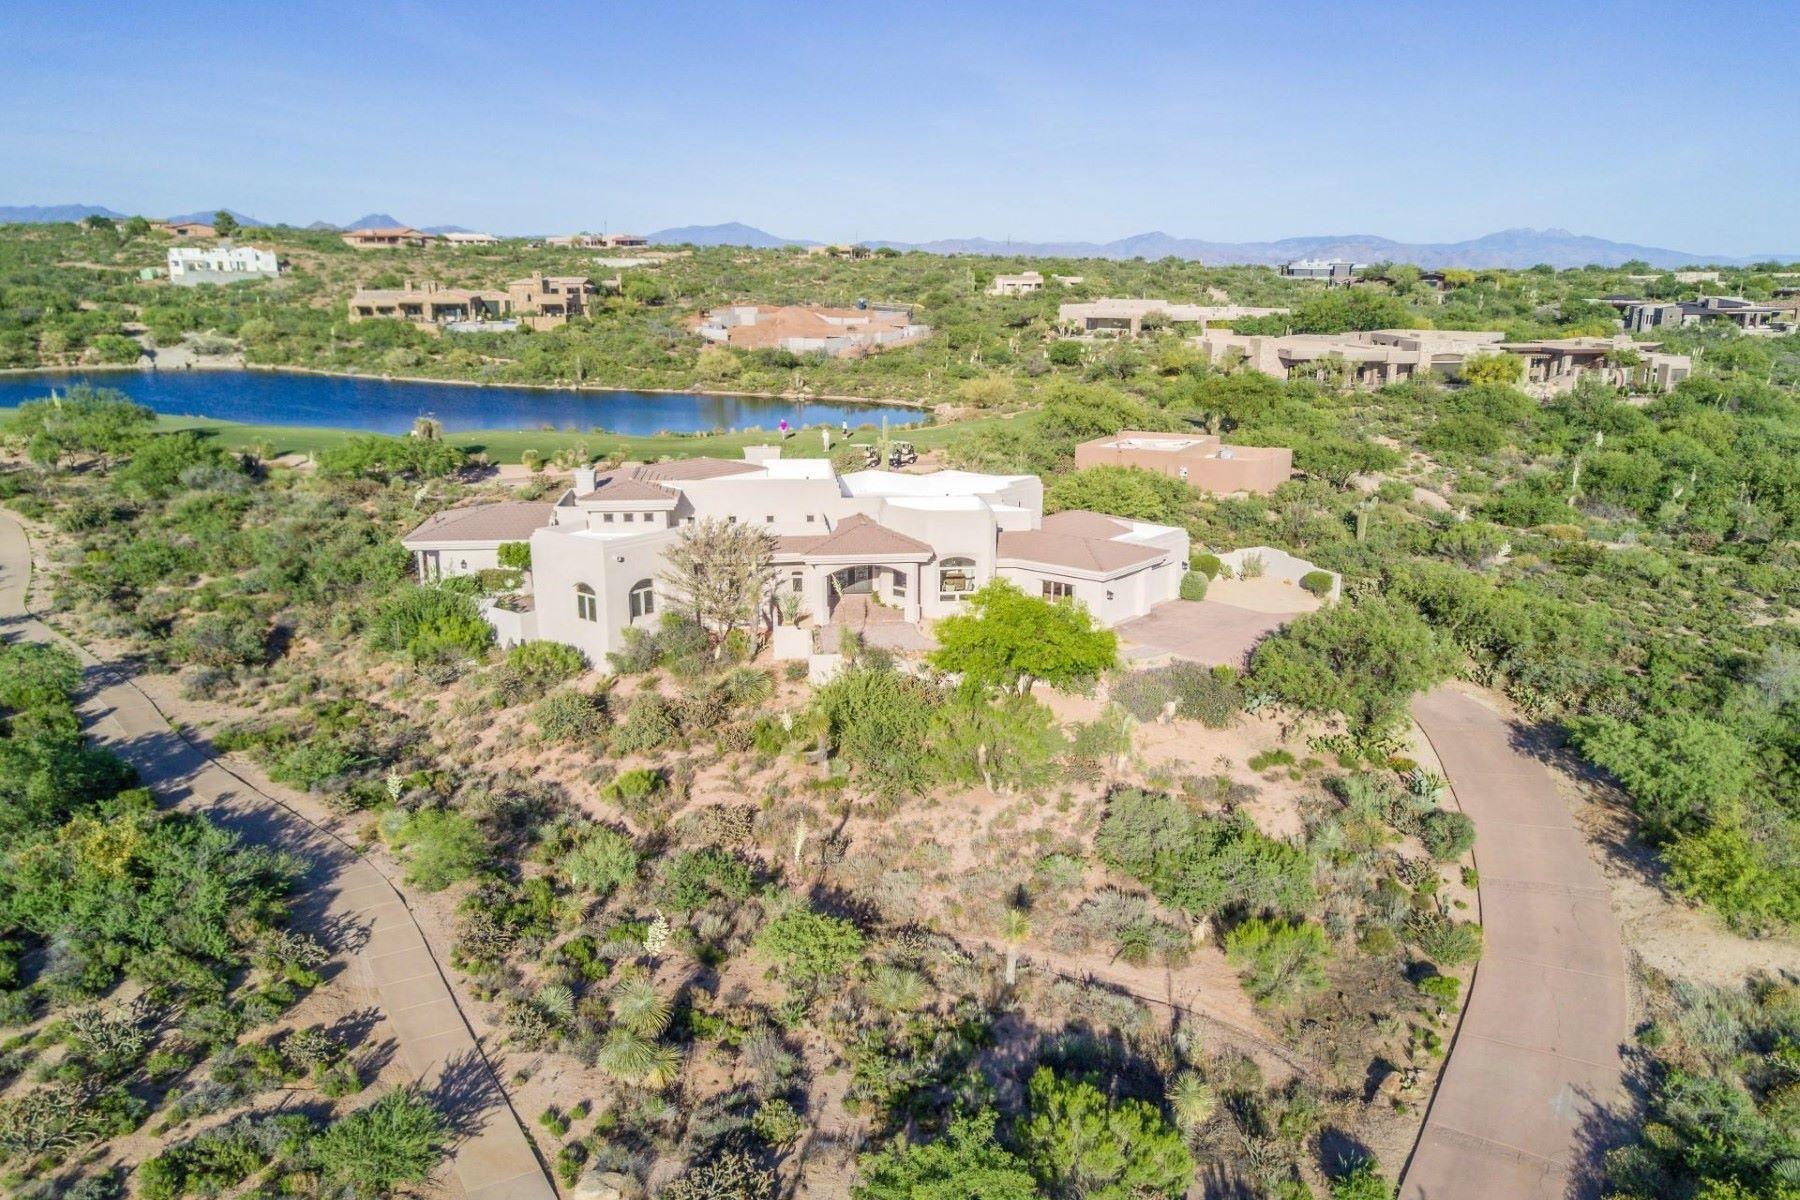 단독 가정 주택 용 매매 에 Gorgeous custom home in the Village of Painted Sky at Desert Mountain 11313 E Mesquite Dr Scottsdale, 아리조나, 85262 미국